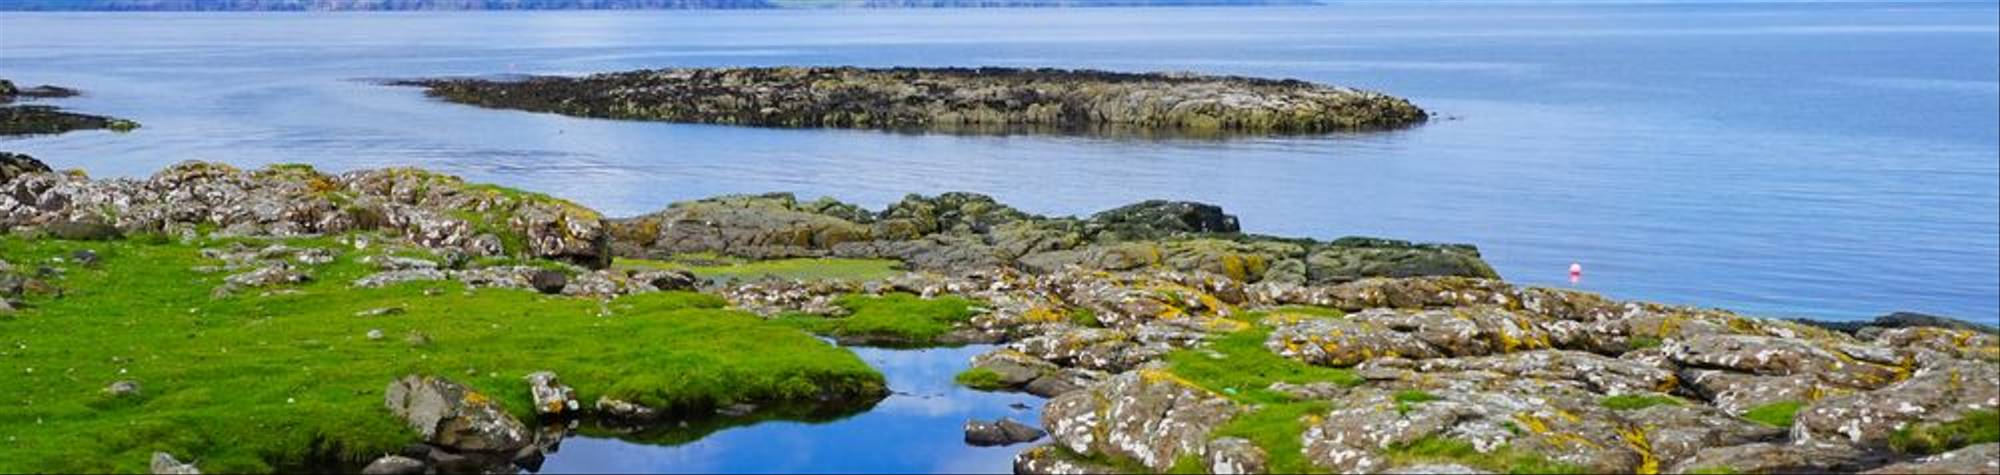 Isle of Muck.jpg